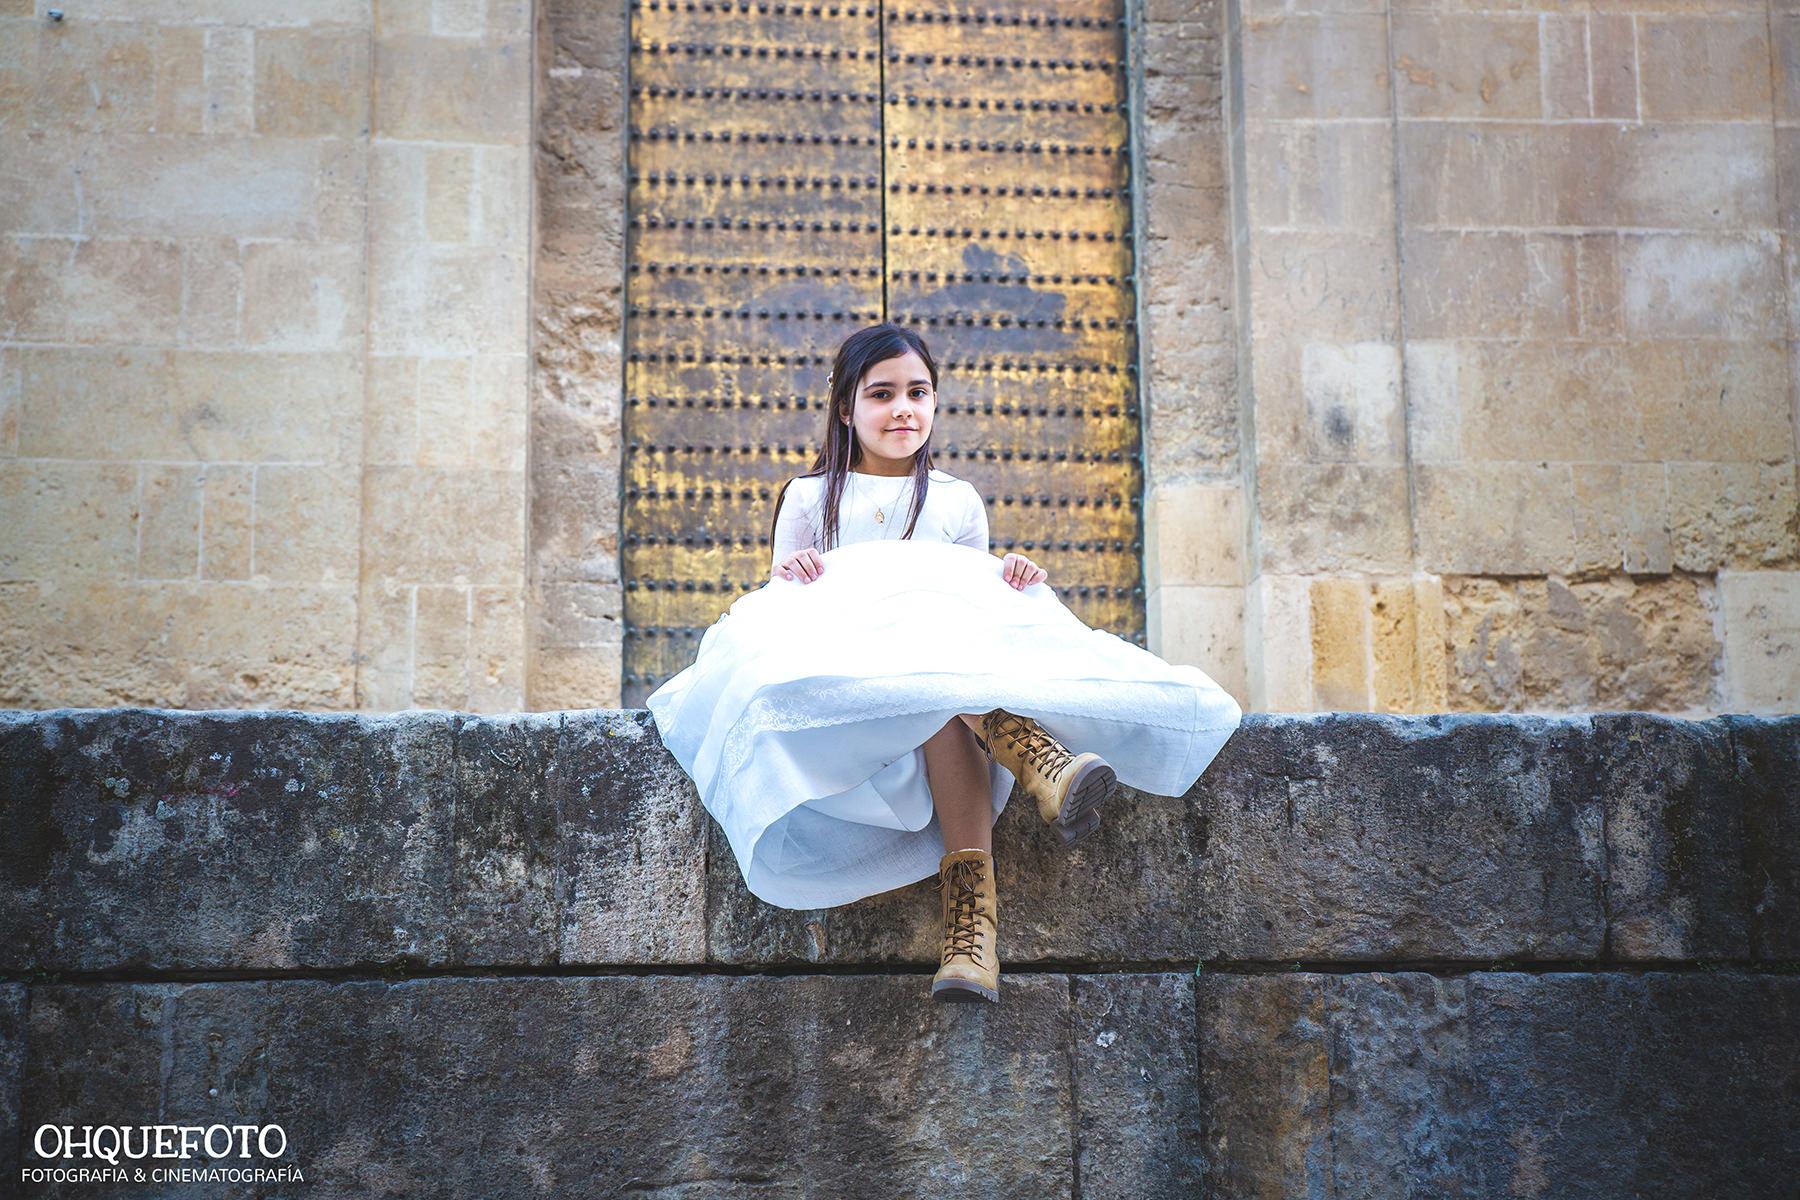 reportaje-de-comunion--cordoba-chillon-almaden-comuniones-exterior-fotos-de-comunion-catedral-cordoba-mezquita-puente-romano-juderia